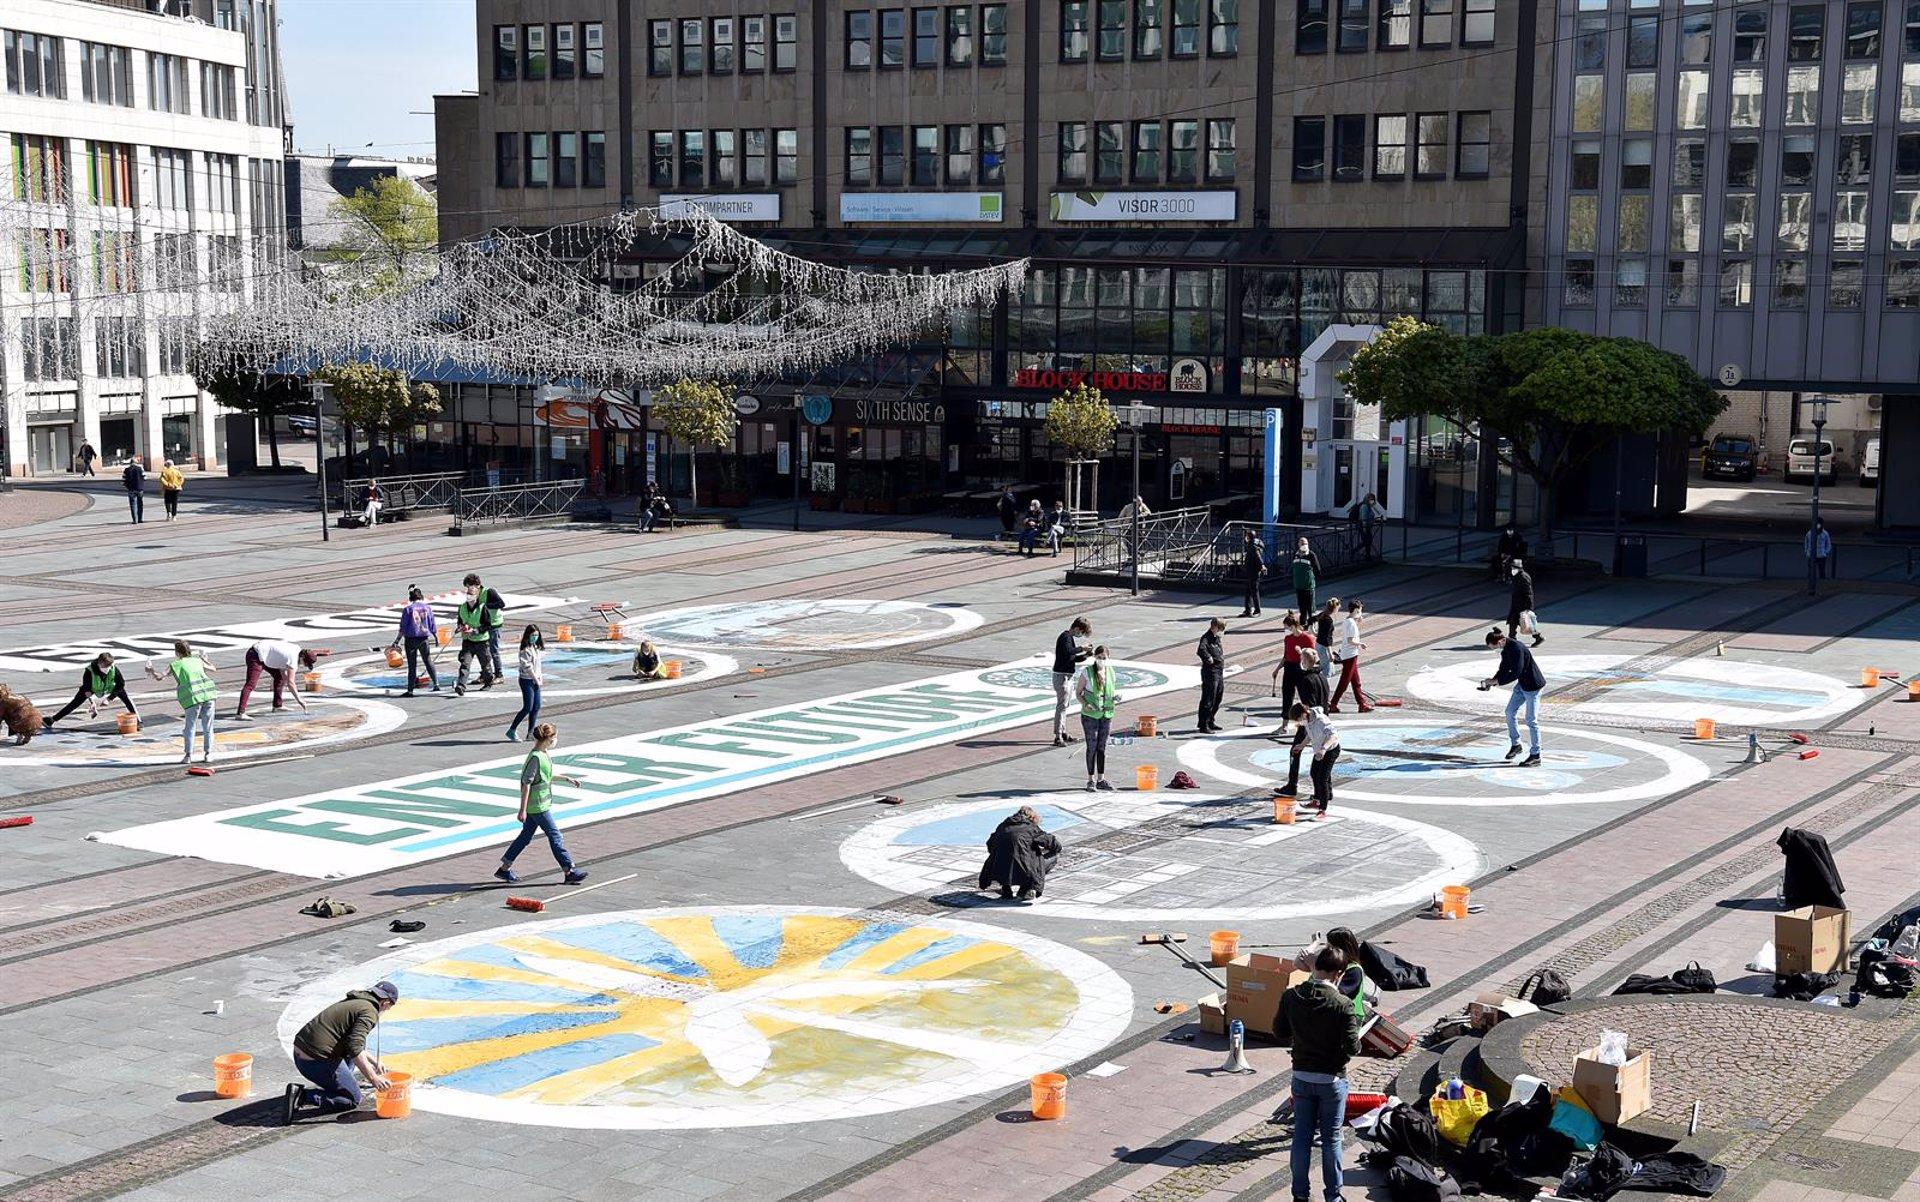 Organizaciones sociales piden anular unas multas de 750 euros por pintadas con tiza contra el cambio climático